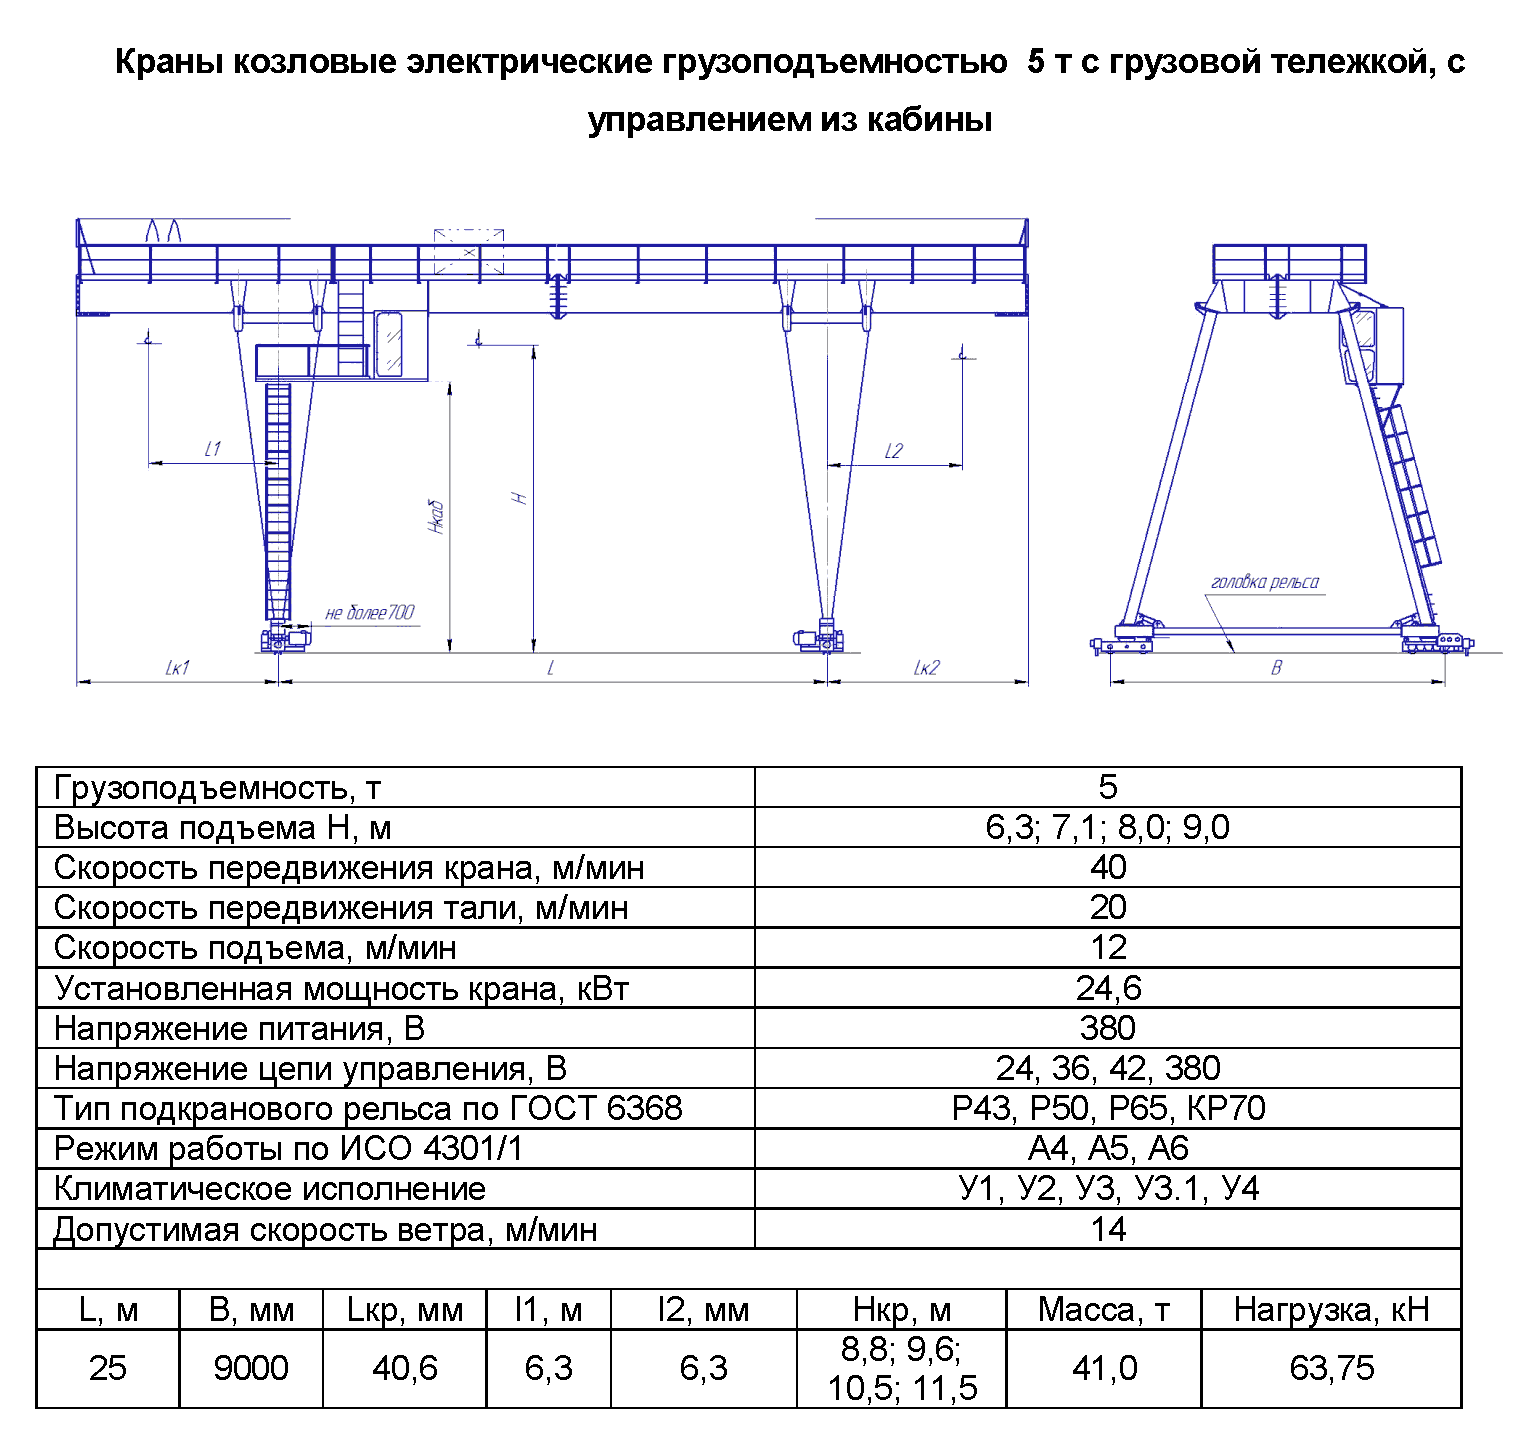 KKD 5 250 - Кран козловой электрический двухбалочный